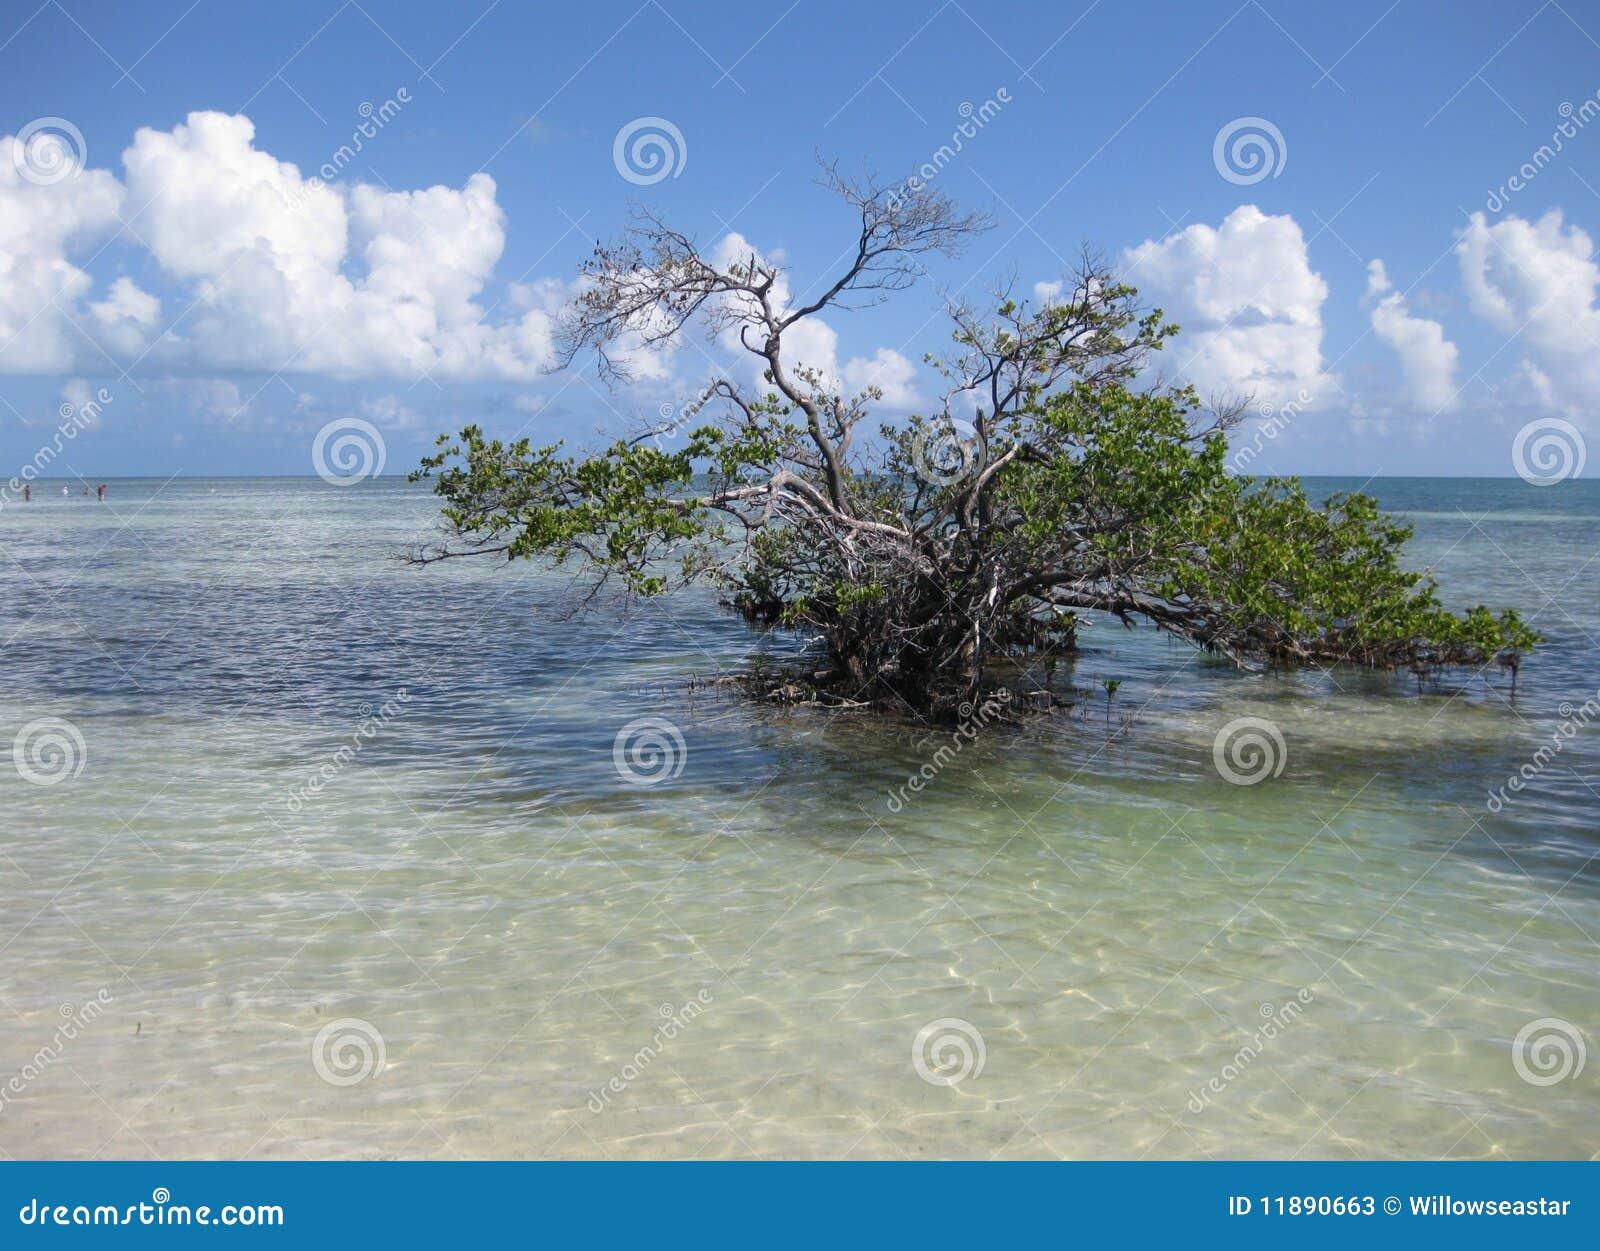 Árbol del agua salada